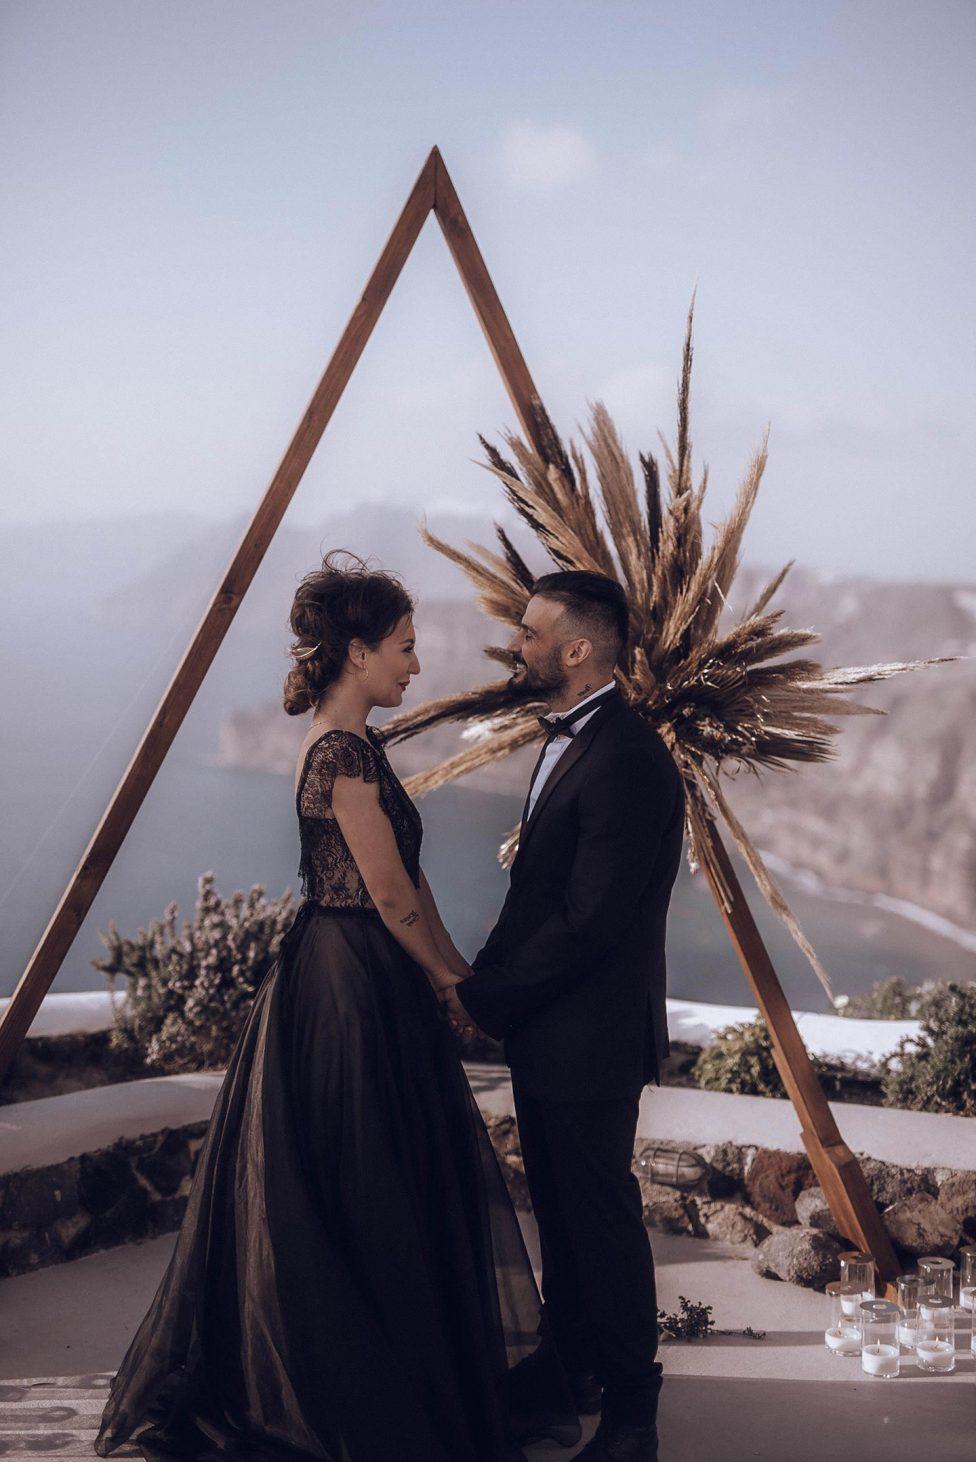 Schwarz & Gold: Boho-Glam in Santorini